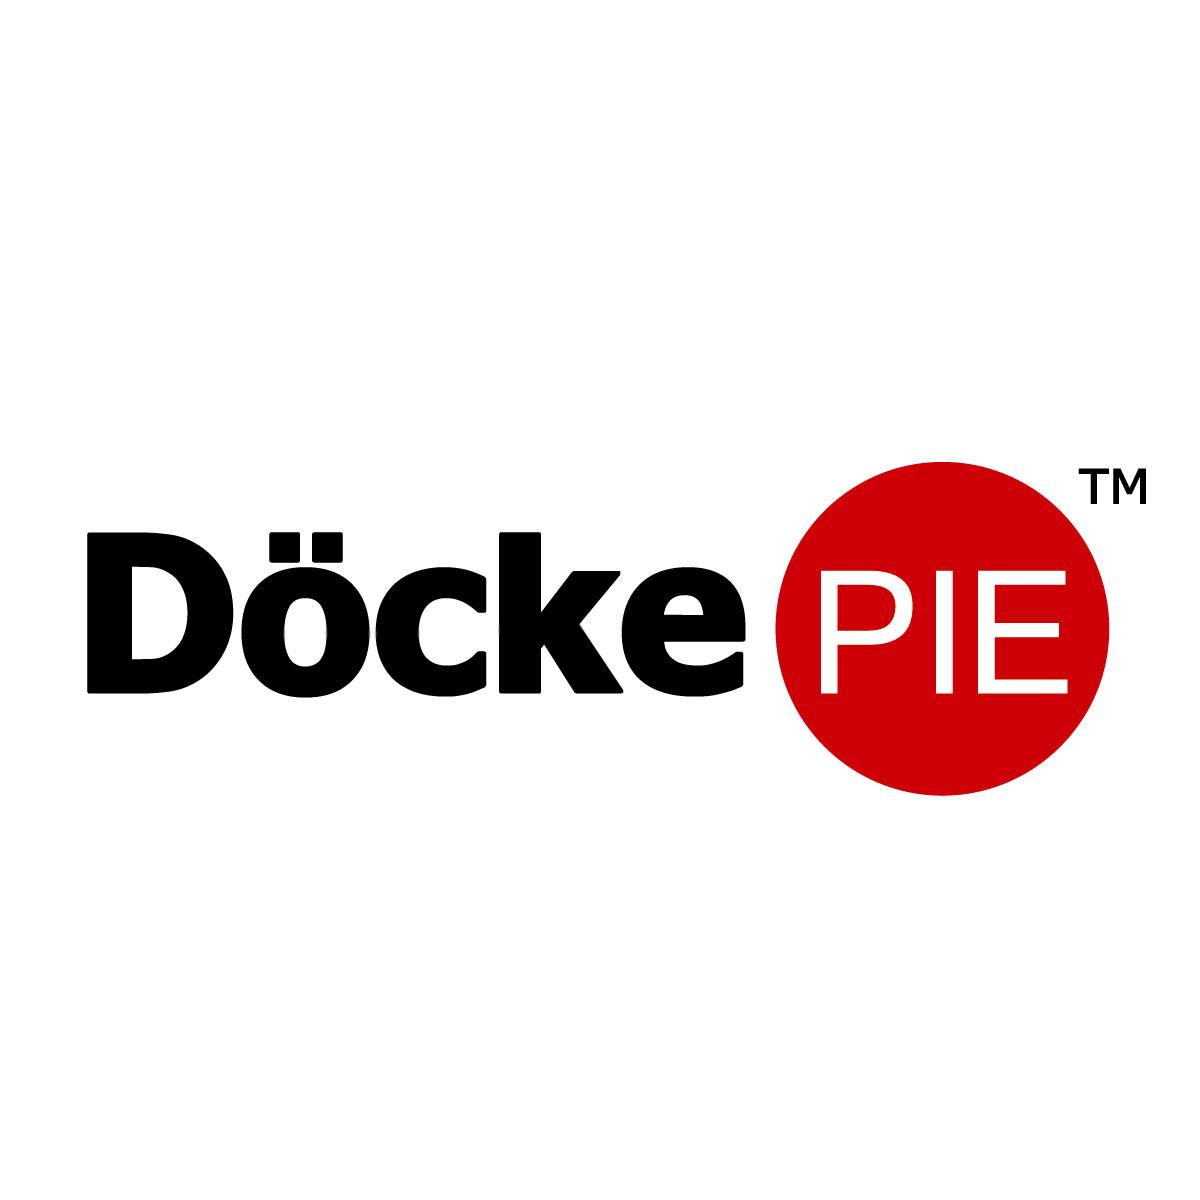 Docke Pie